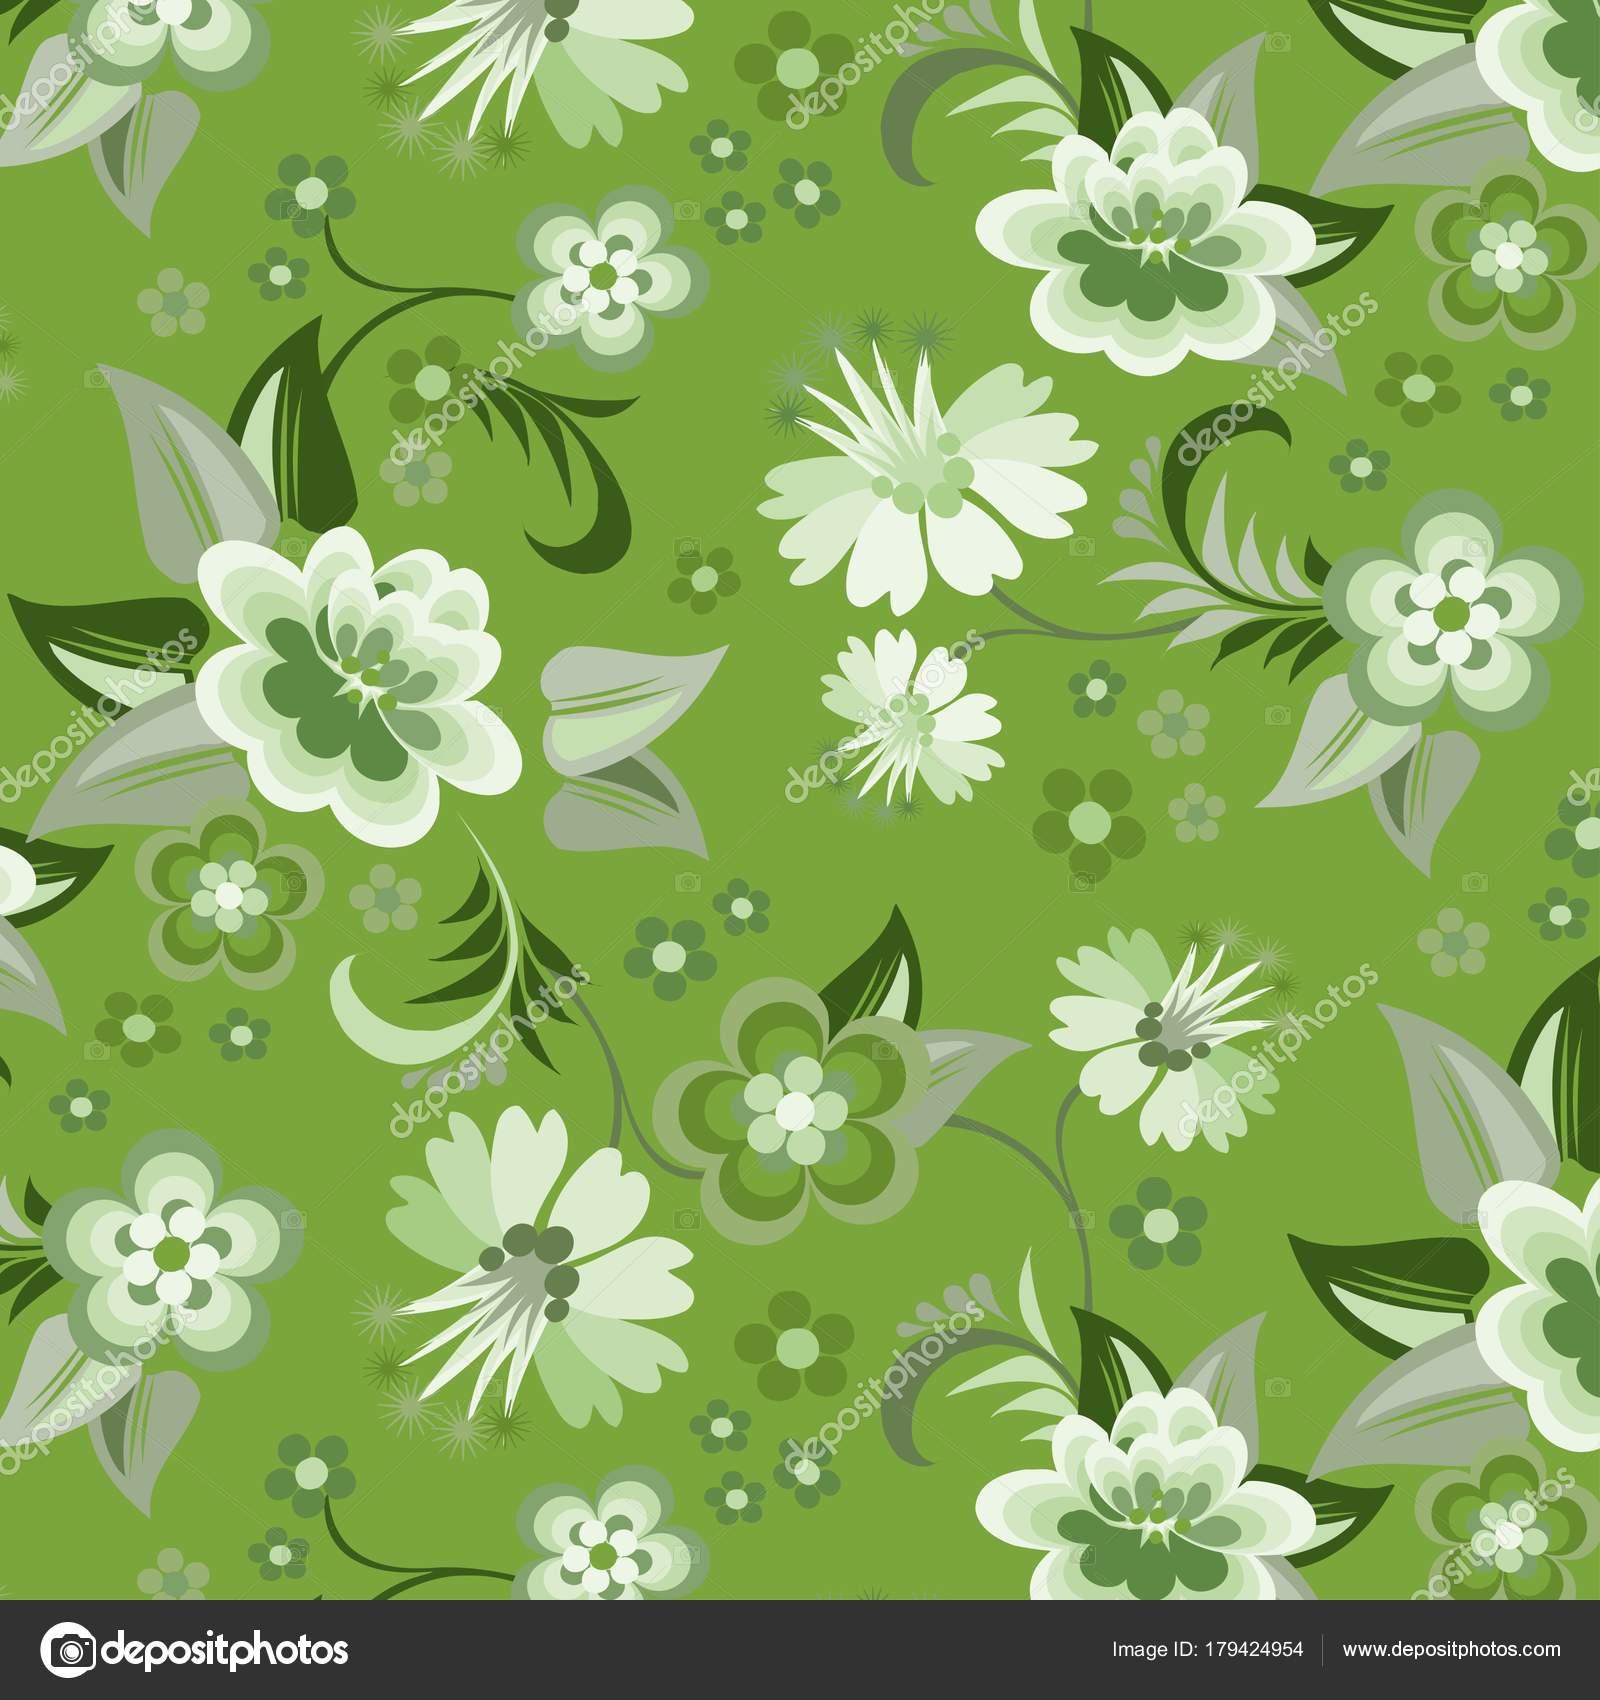 Seamless Green Floral Wallpaper Stock Vector C Oriu007 179424954